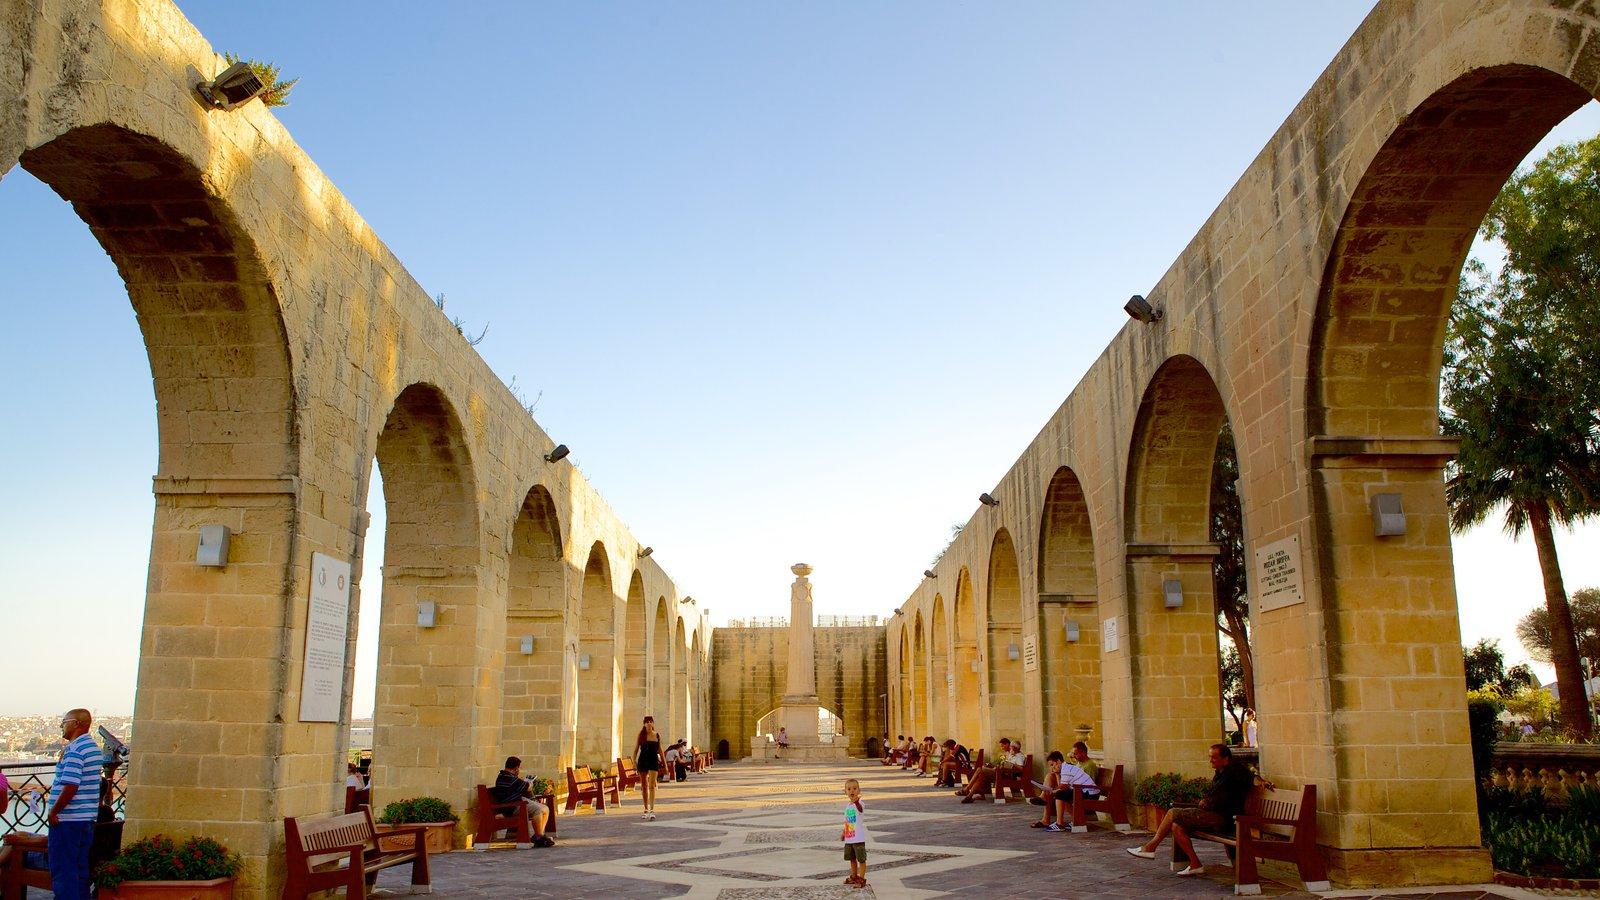 Jardins Superiores de Barrakka que inclui arquitetura de patrimônio e um monumento